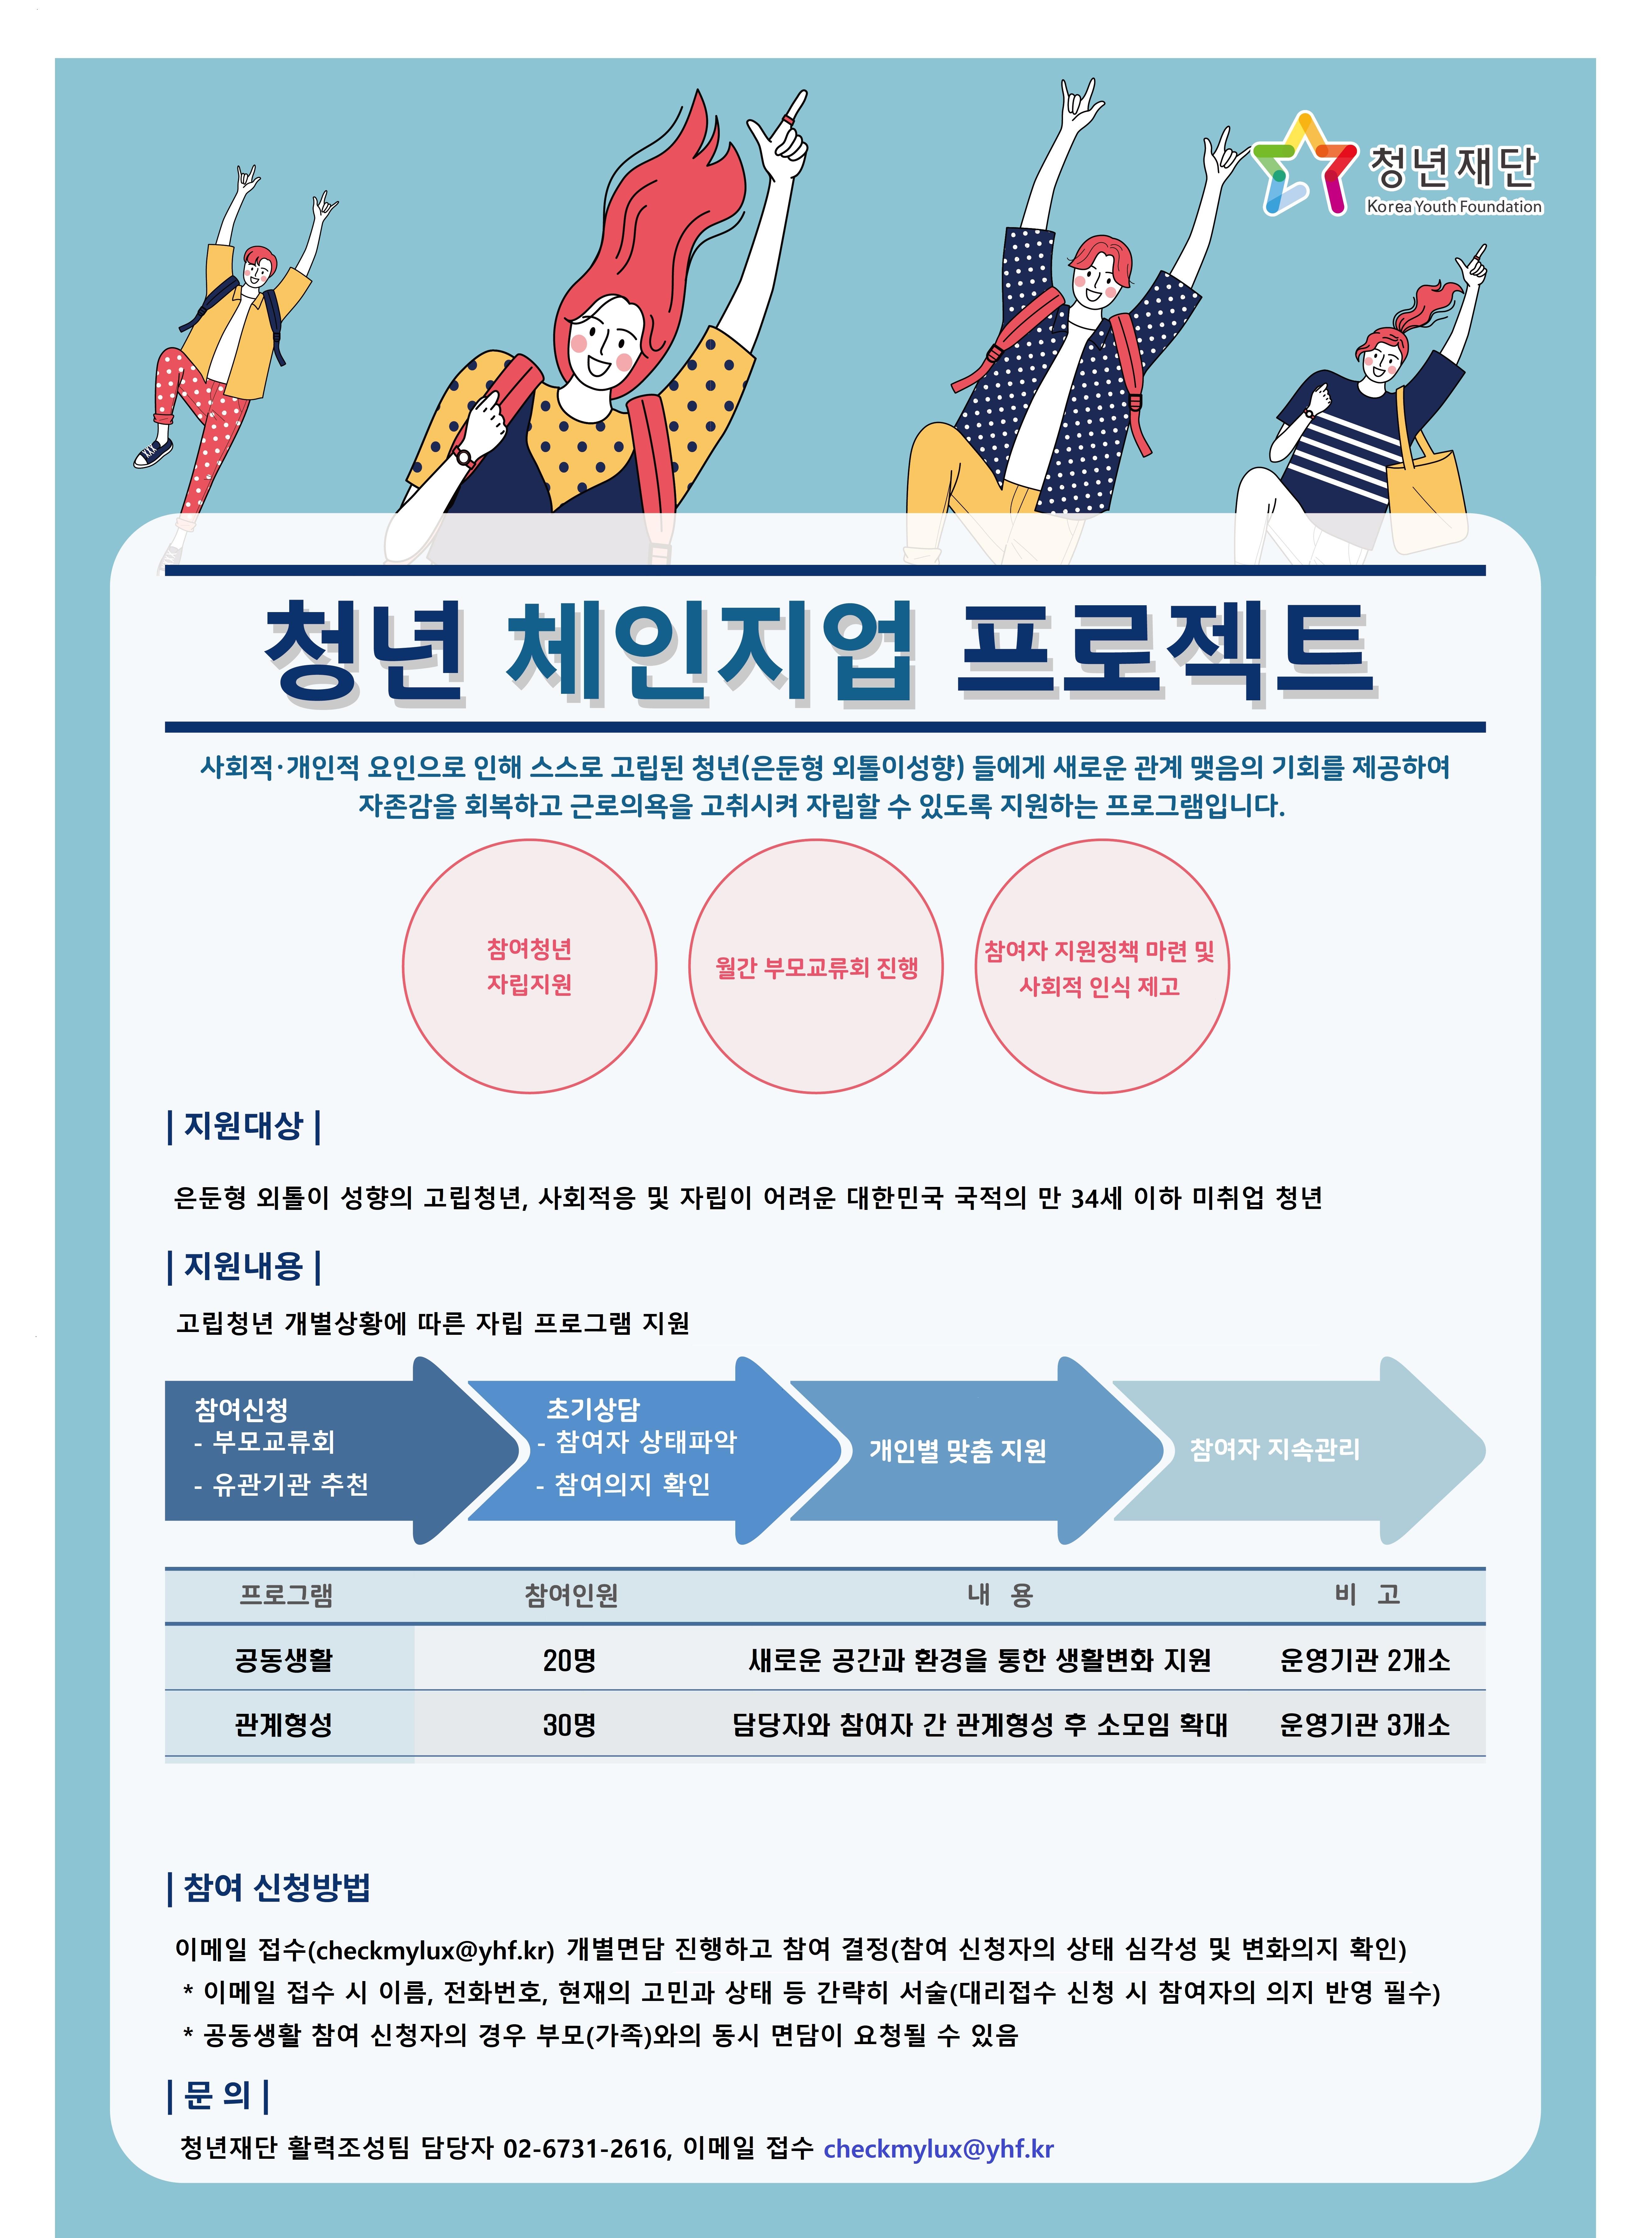 21년 청년 모집용 웹 포스터.jpg